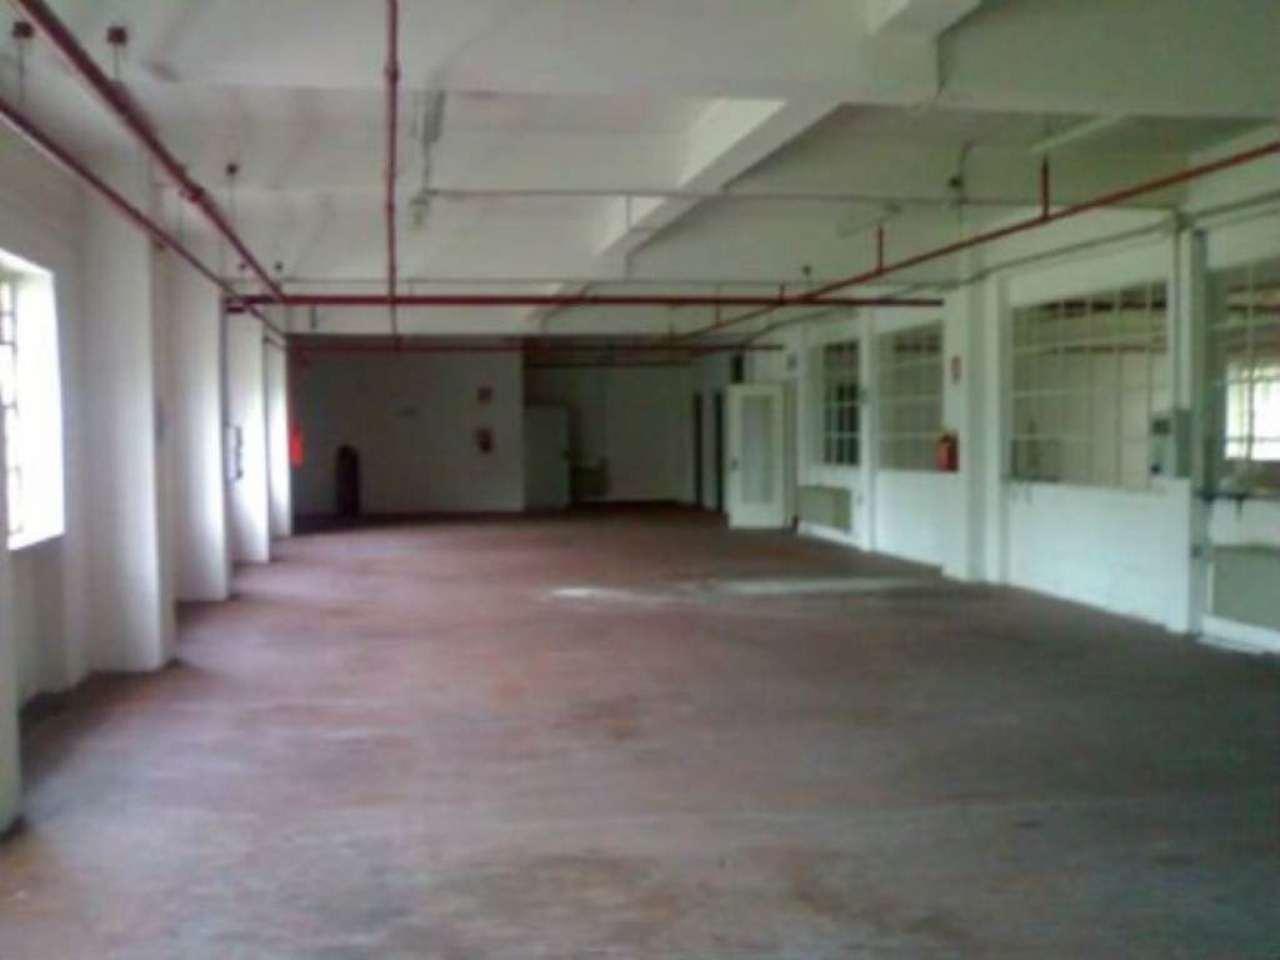 Laboratorio in vendita a Torino, 6 locali, zona Zona: 10 . Aurora, Valdocco, prezzo € 690.000 | Cambio Casa.it